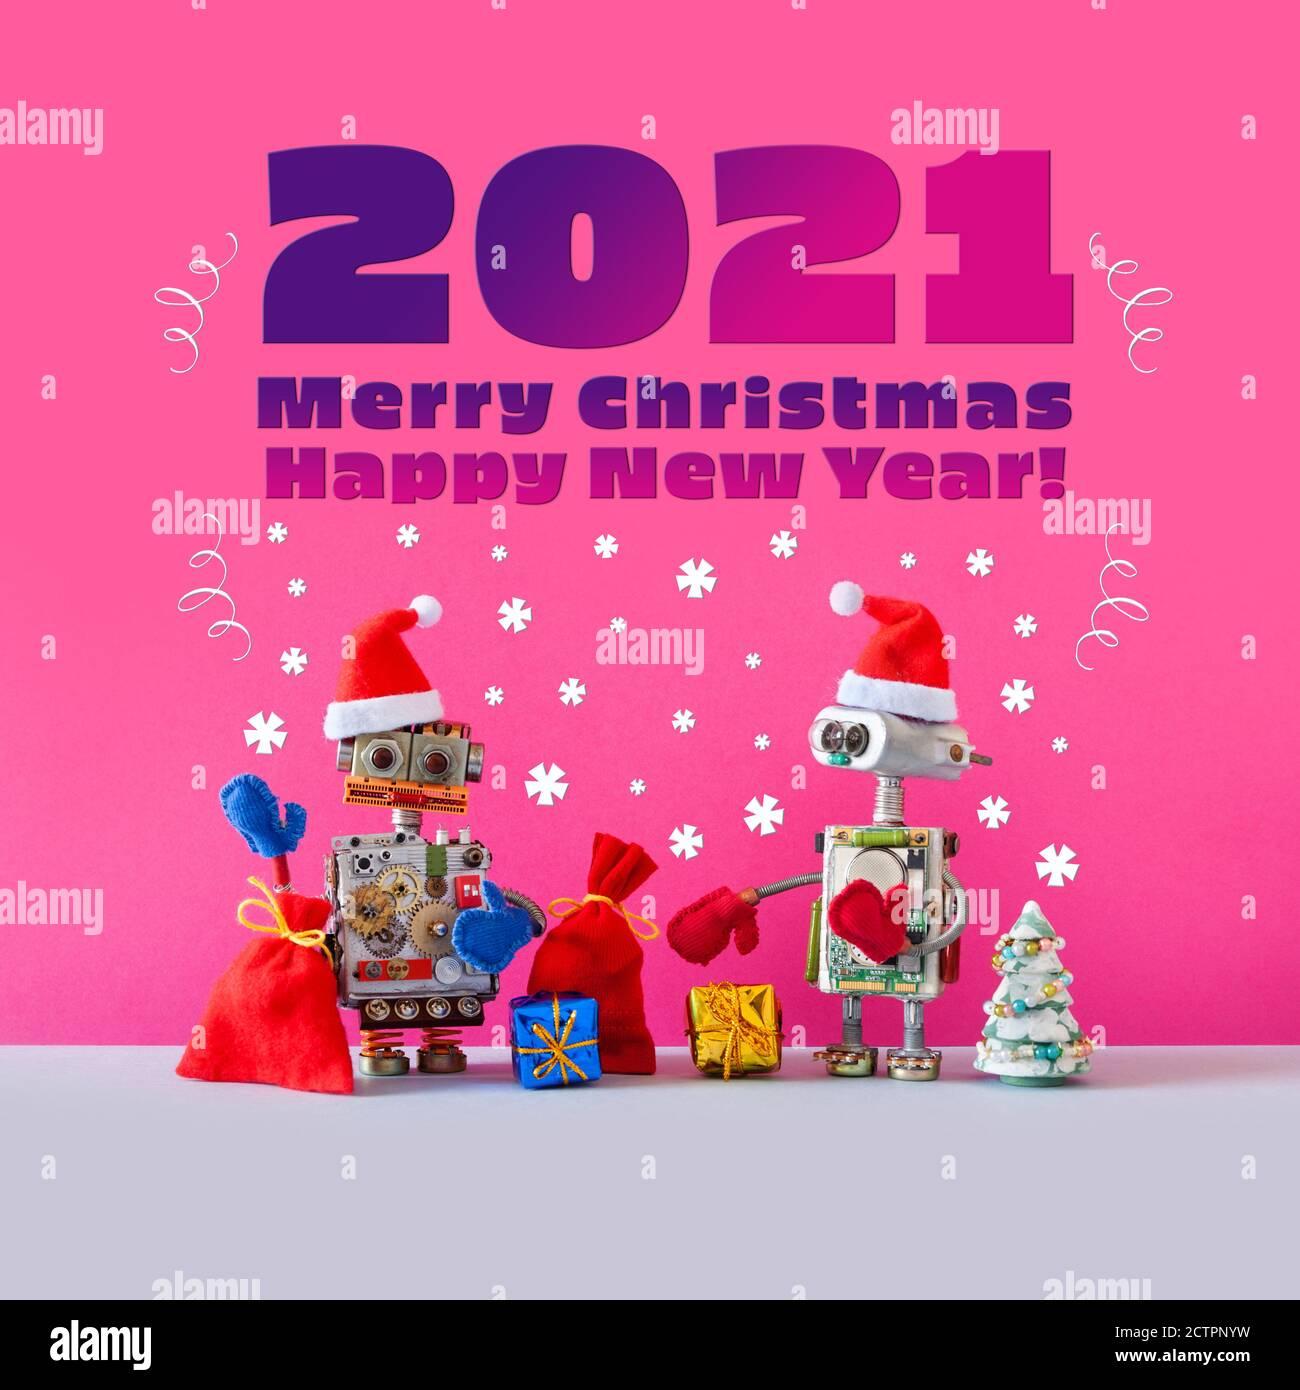 2021 Christmas Robot Christmas Robot High Resolution Stock Photography And Images Alamy